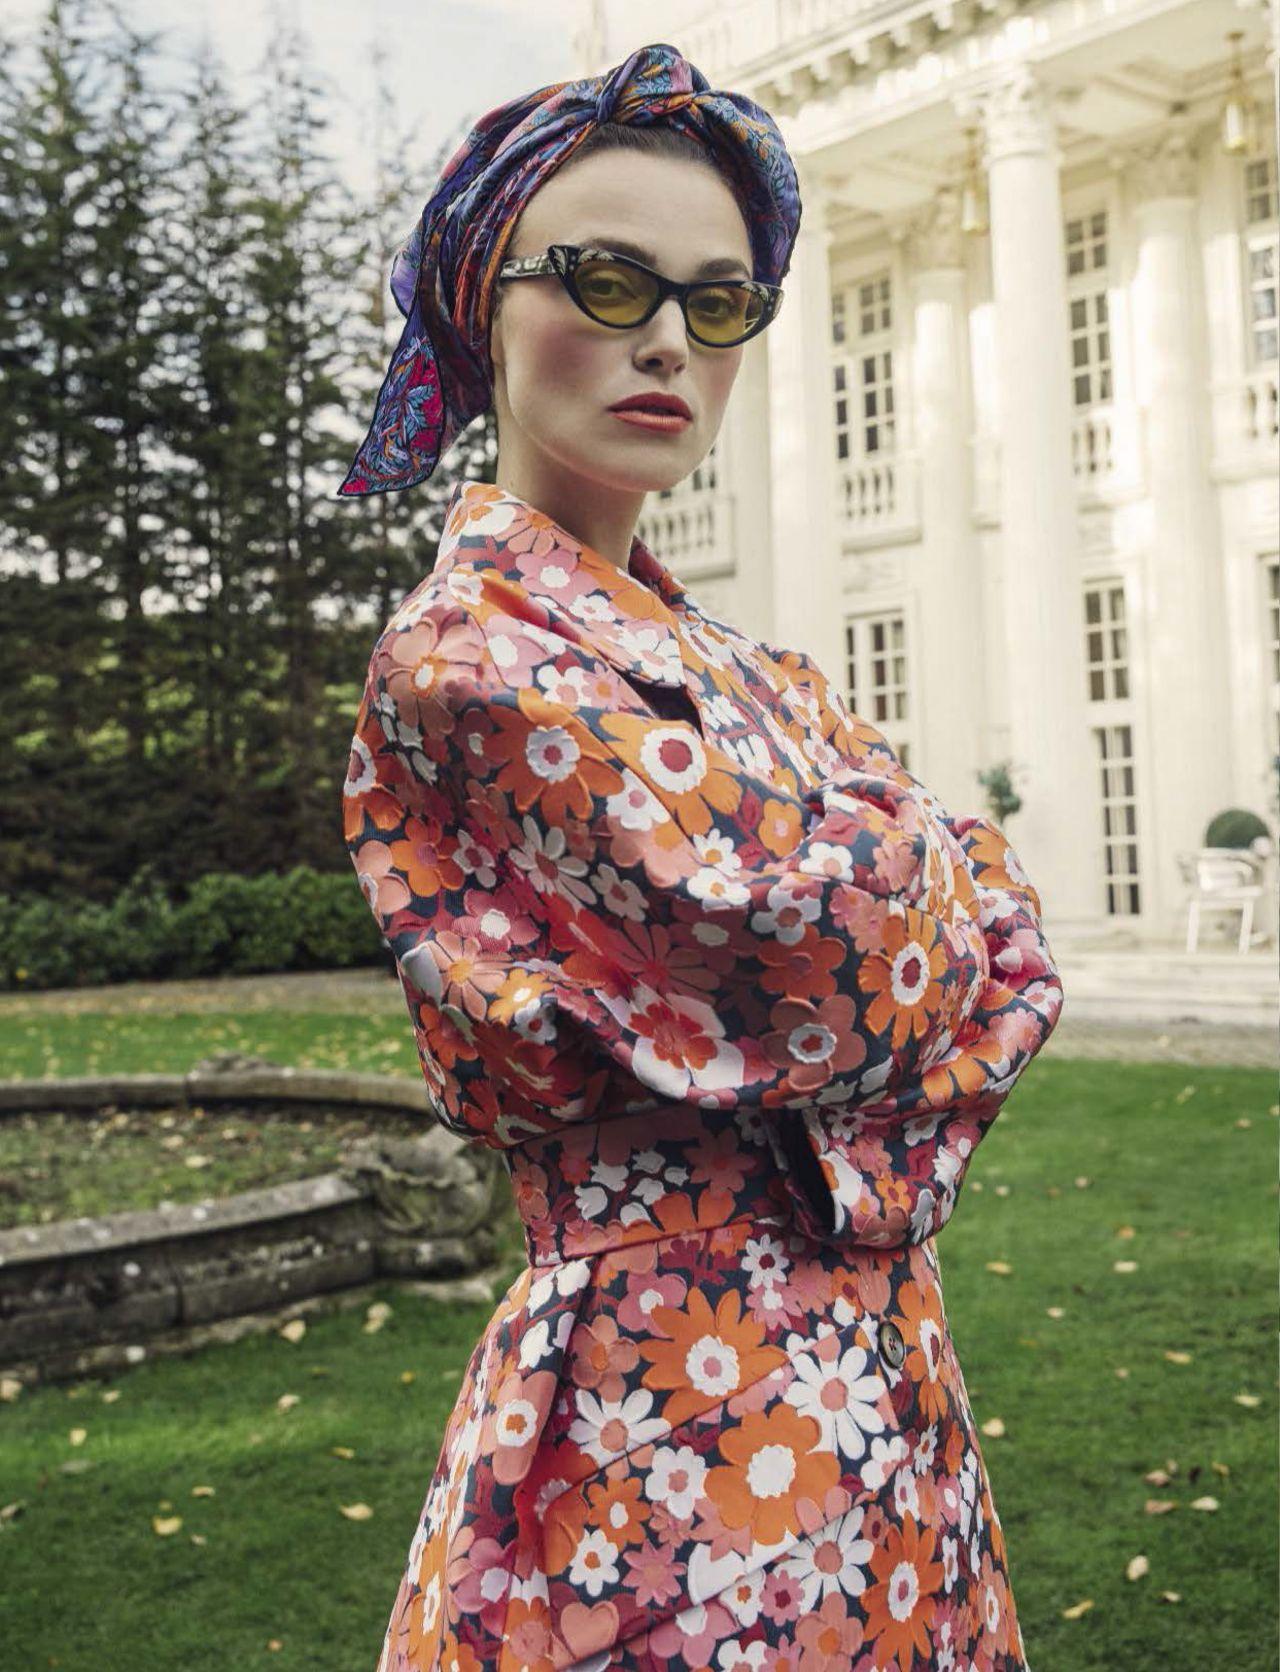 Кира Найтли 2017. Актриса на страницах журнала Vogue Italia